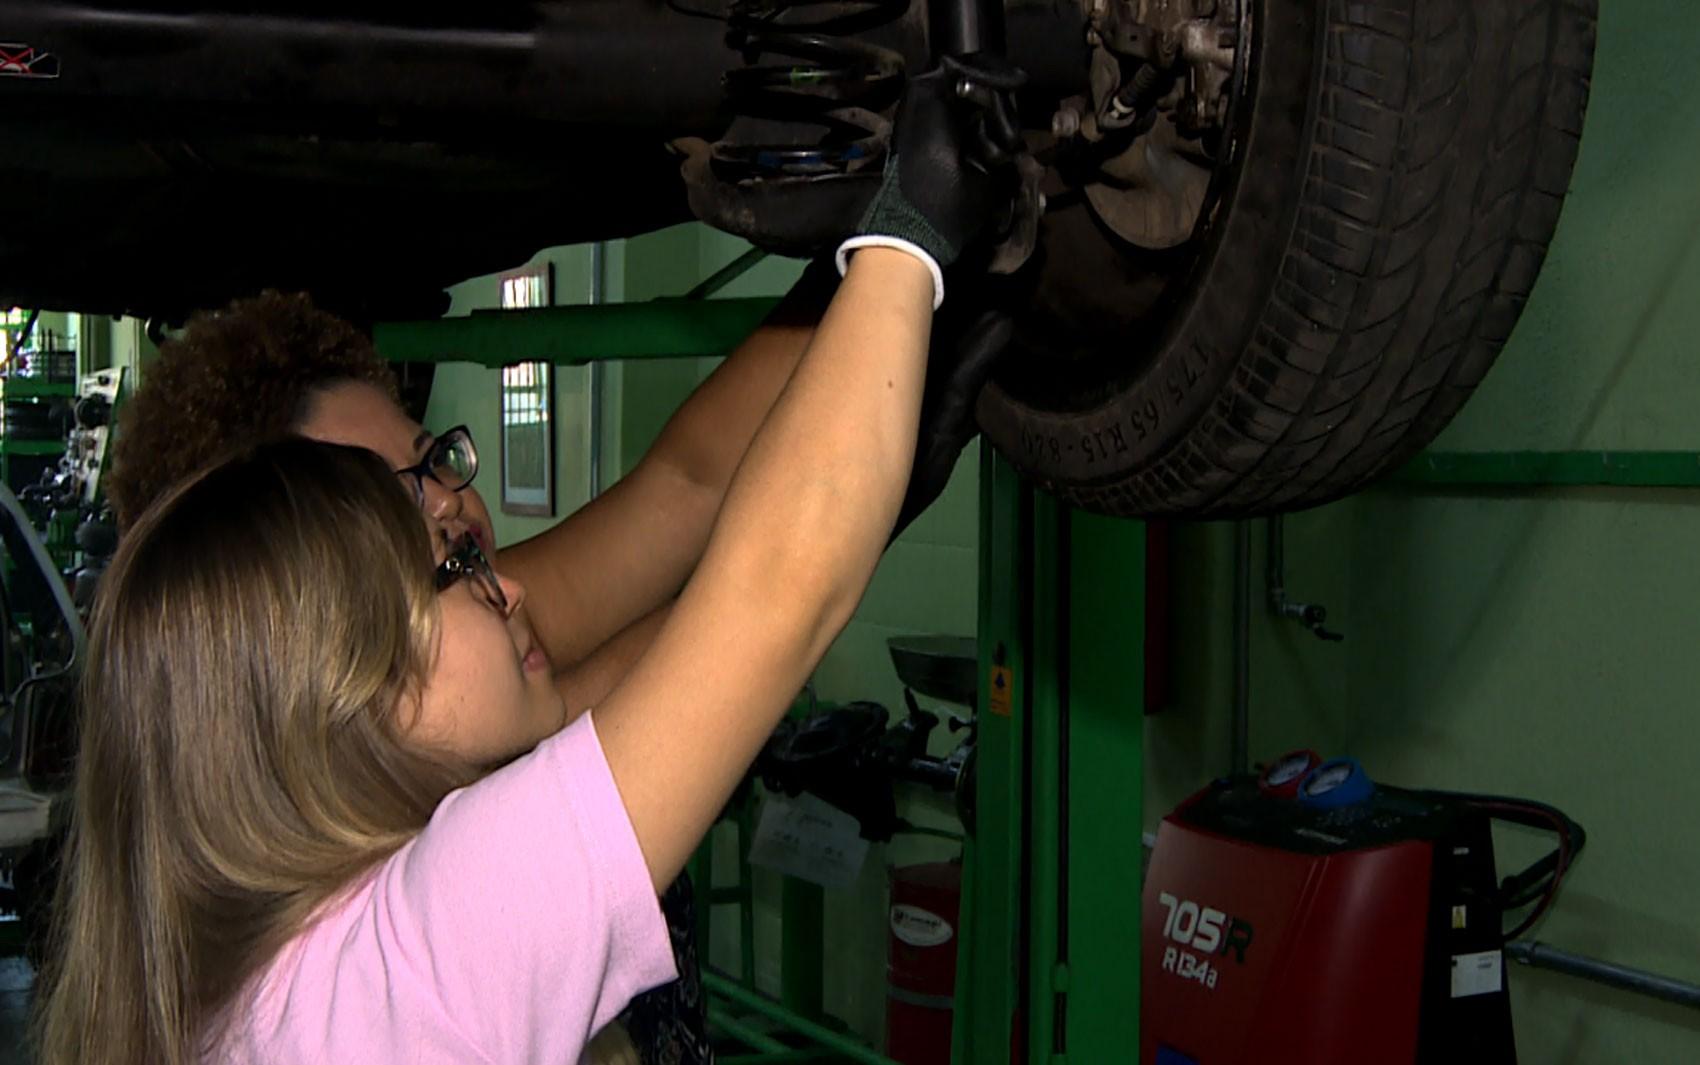 Detran promove curso de mecânica básica para mulheres em Caruaru